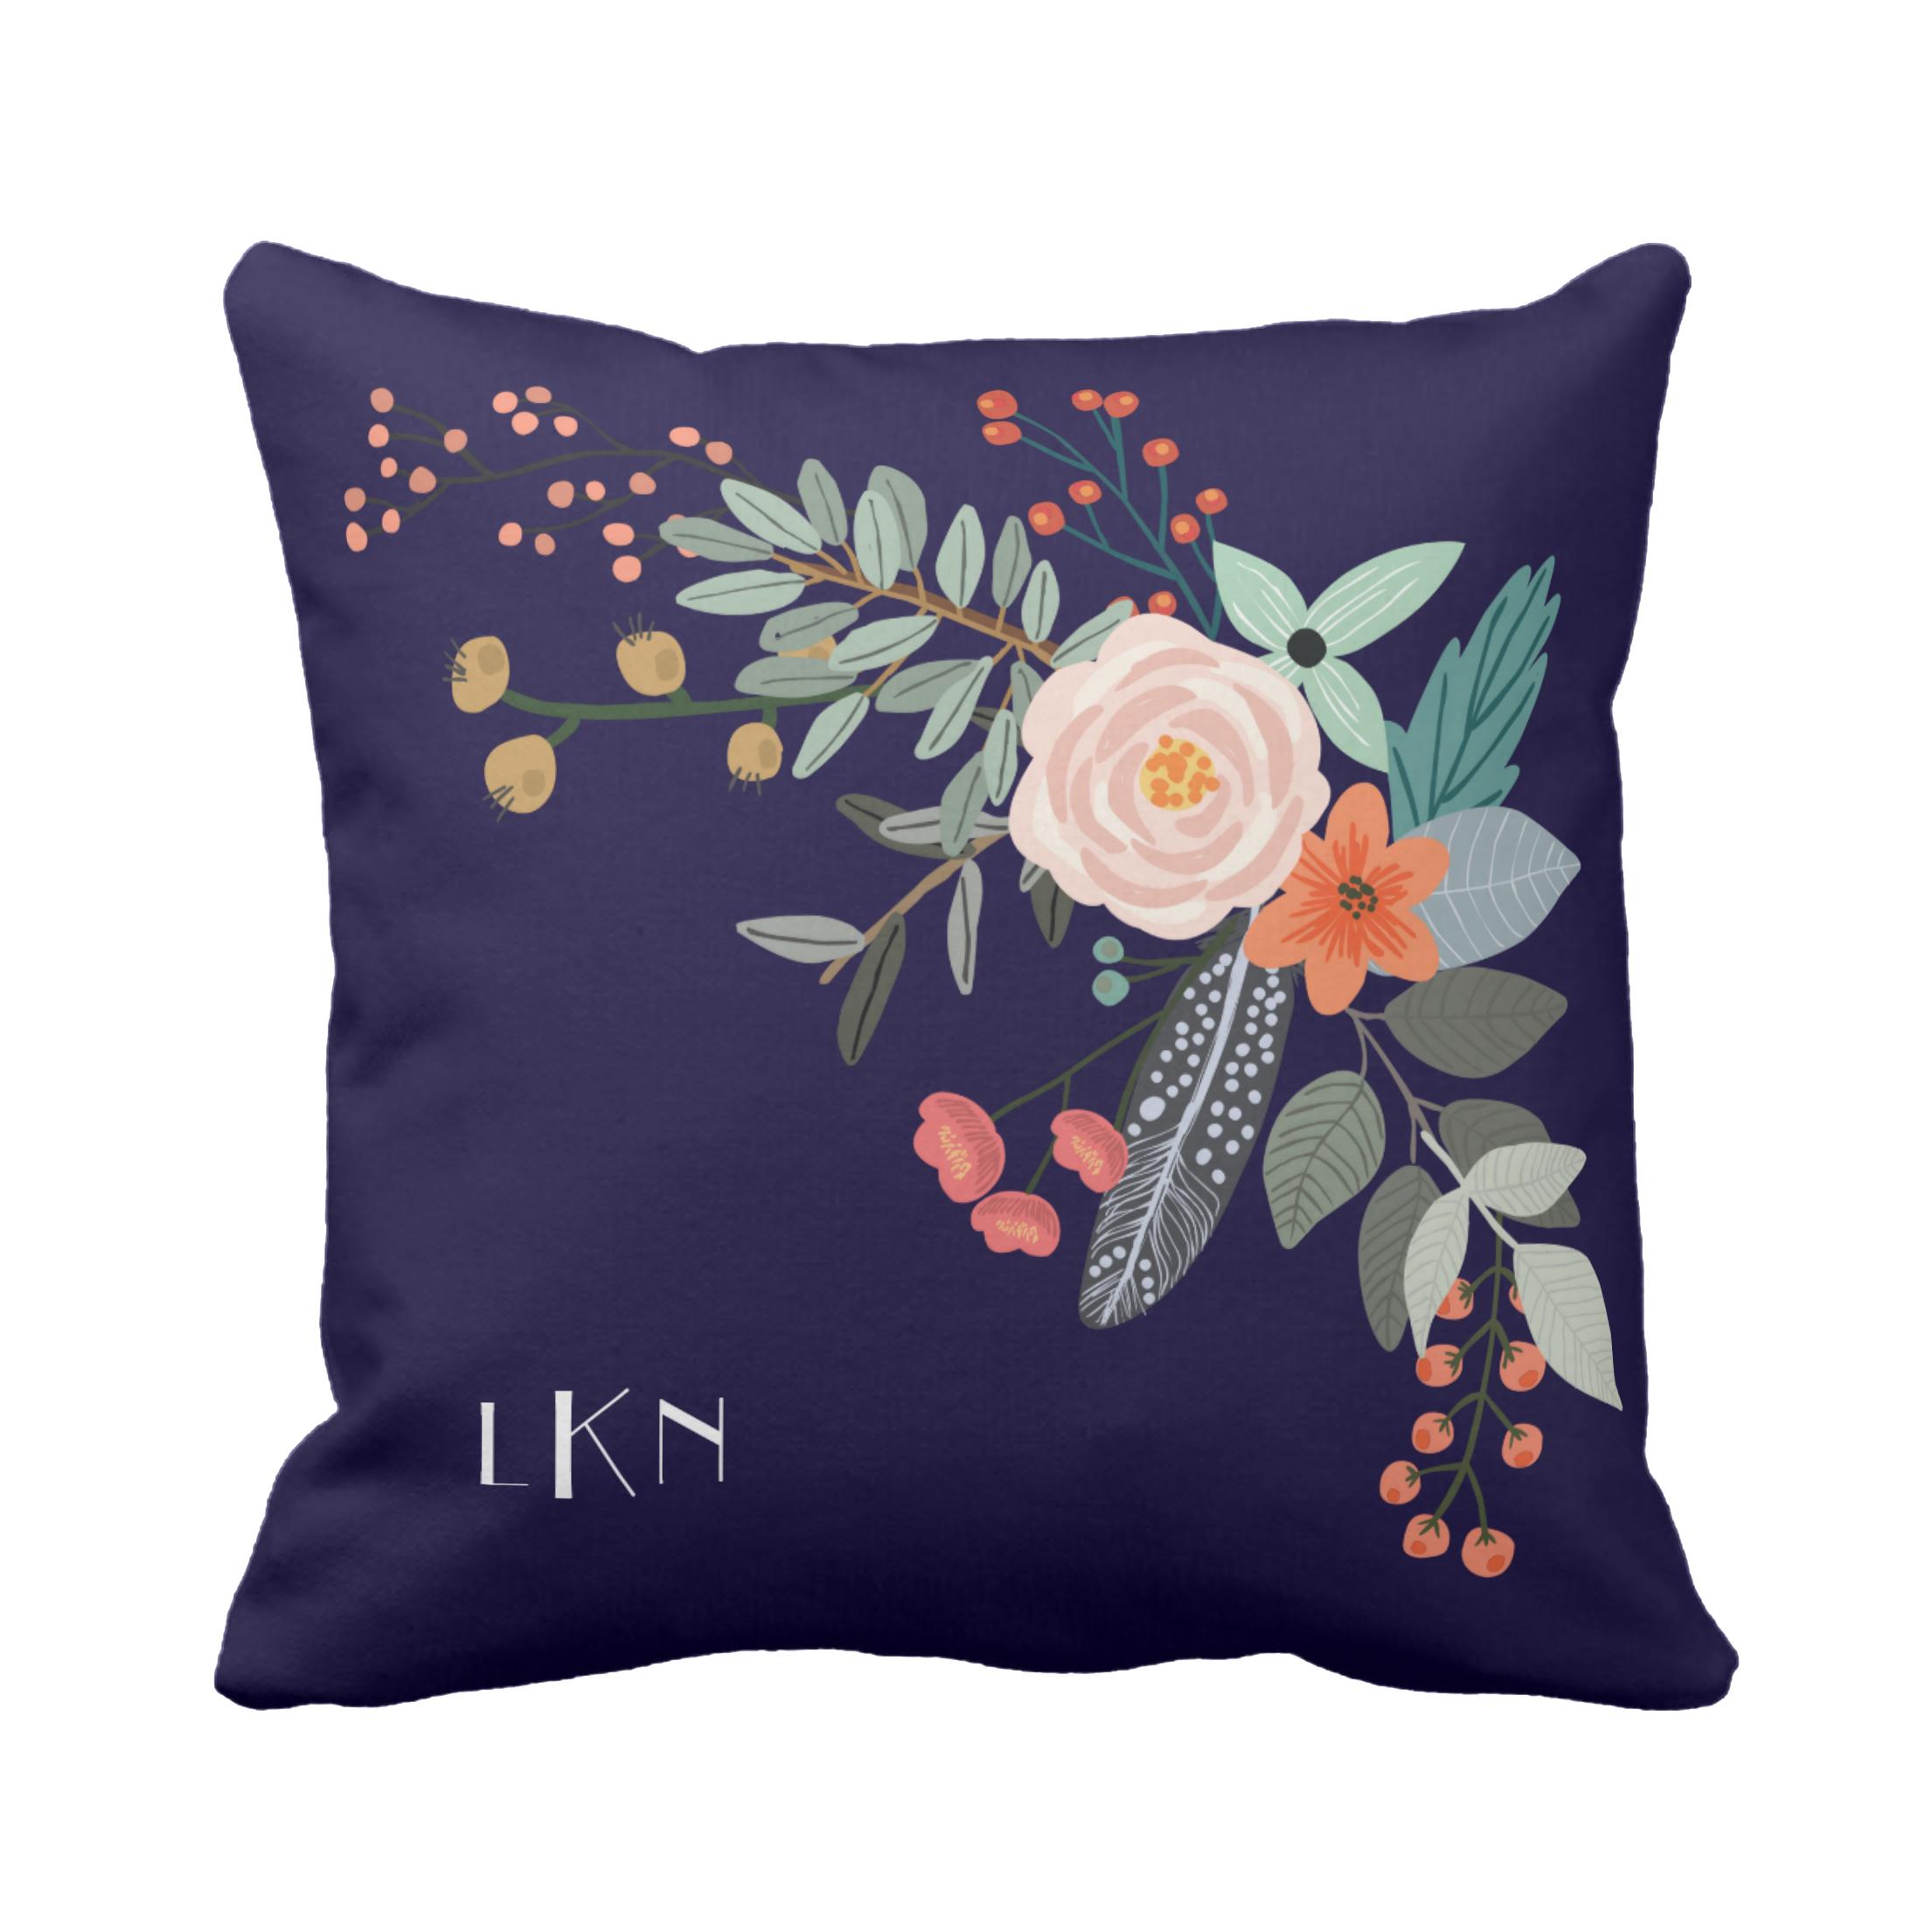 Monogram Botanical Pillow